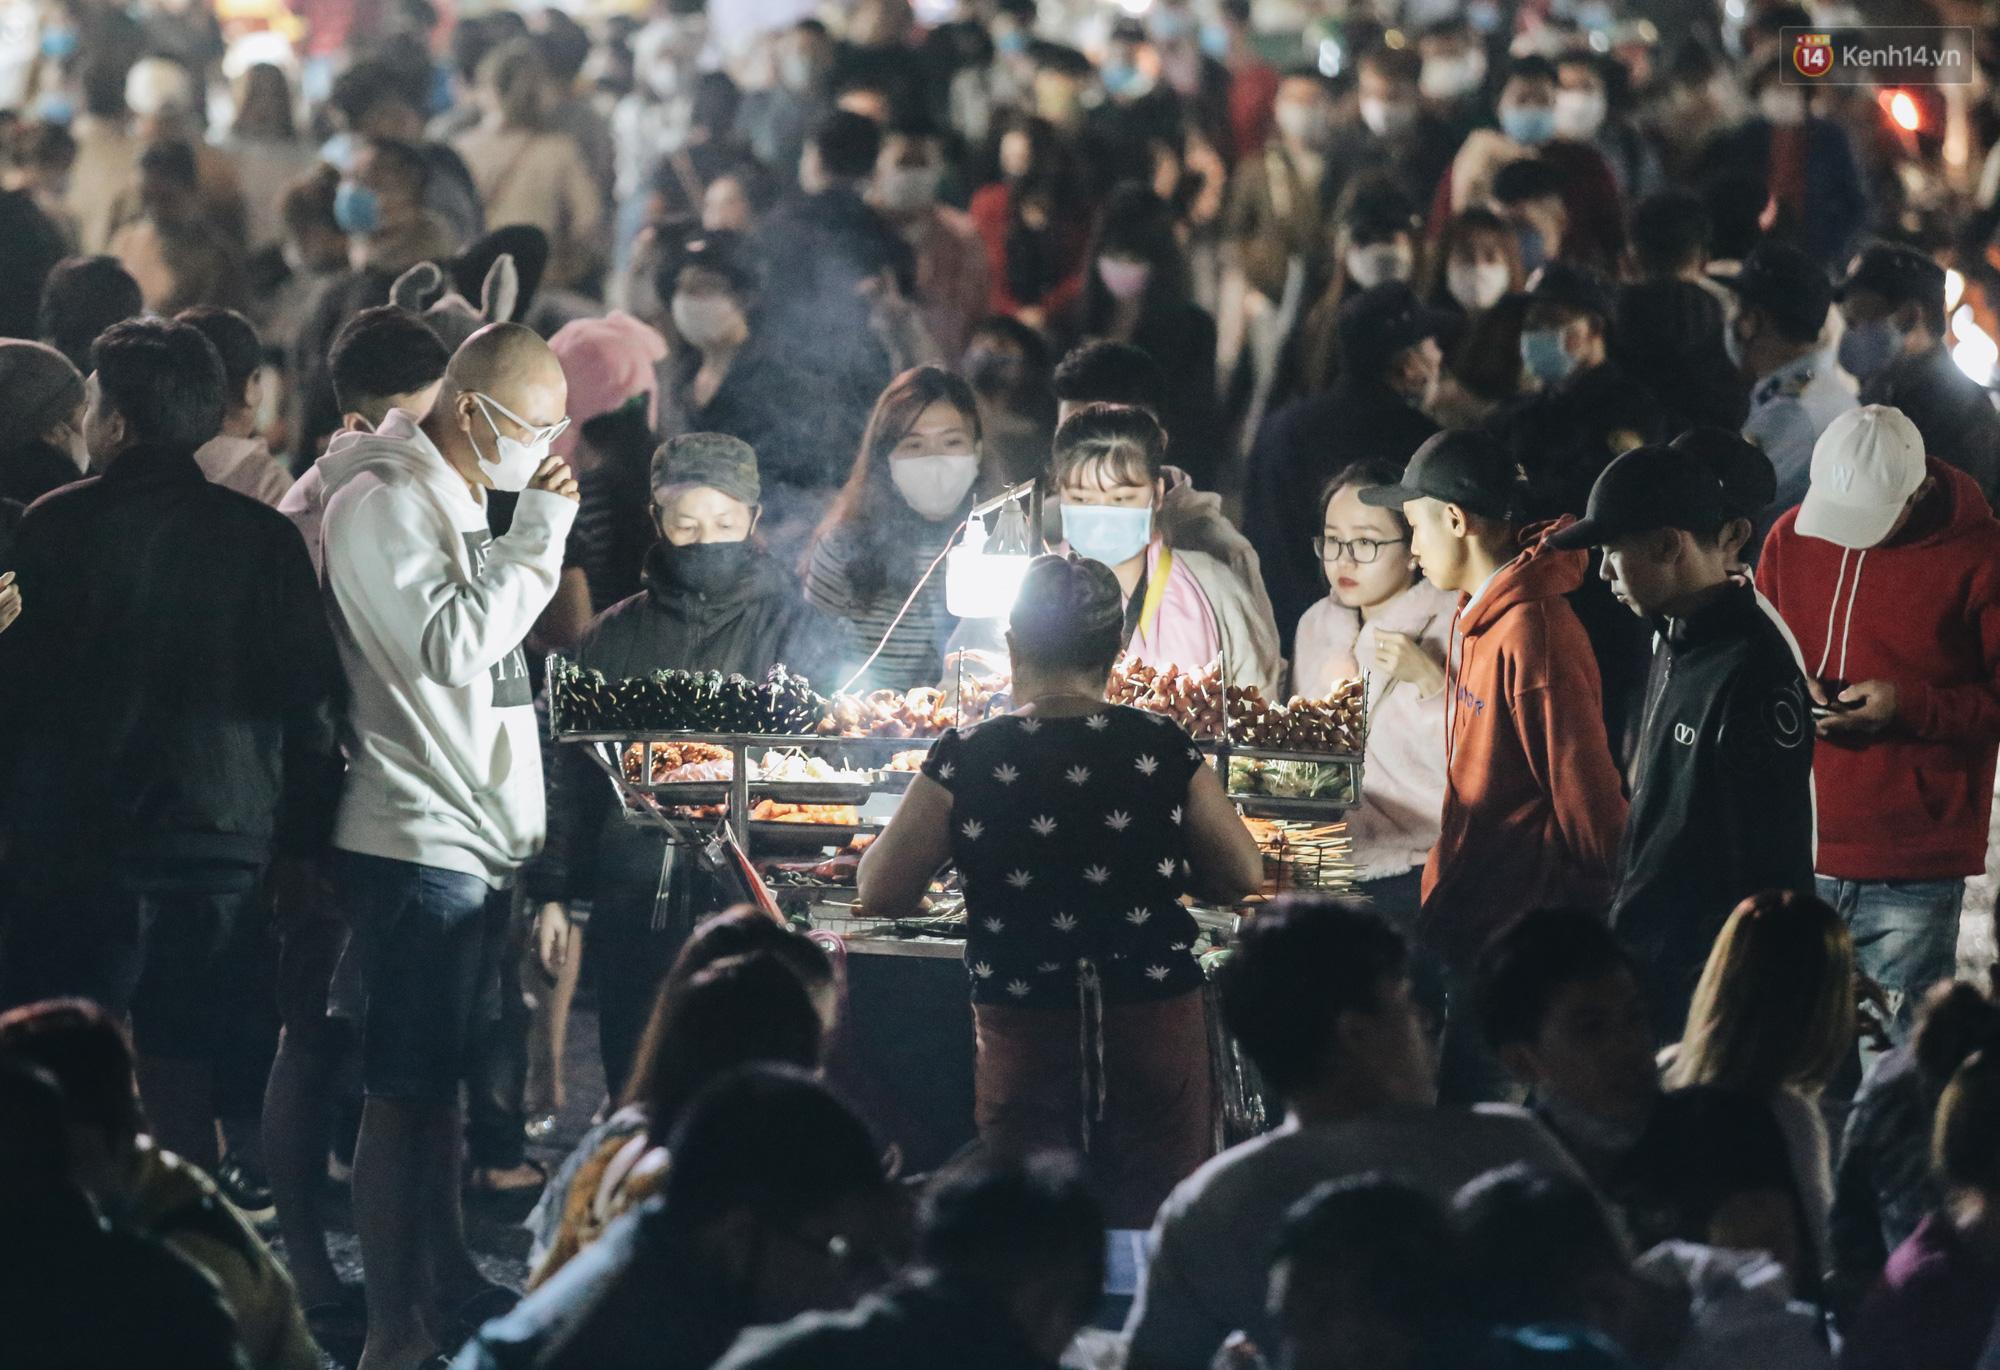 Chùm ảnh: Chợ đêm Đà Lạt không còn chỗ trống, khách du lịch ngồi la liệt từ trong ra ngoài để ăn uống dịp nghỉ lễ - Ảnh 4.